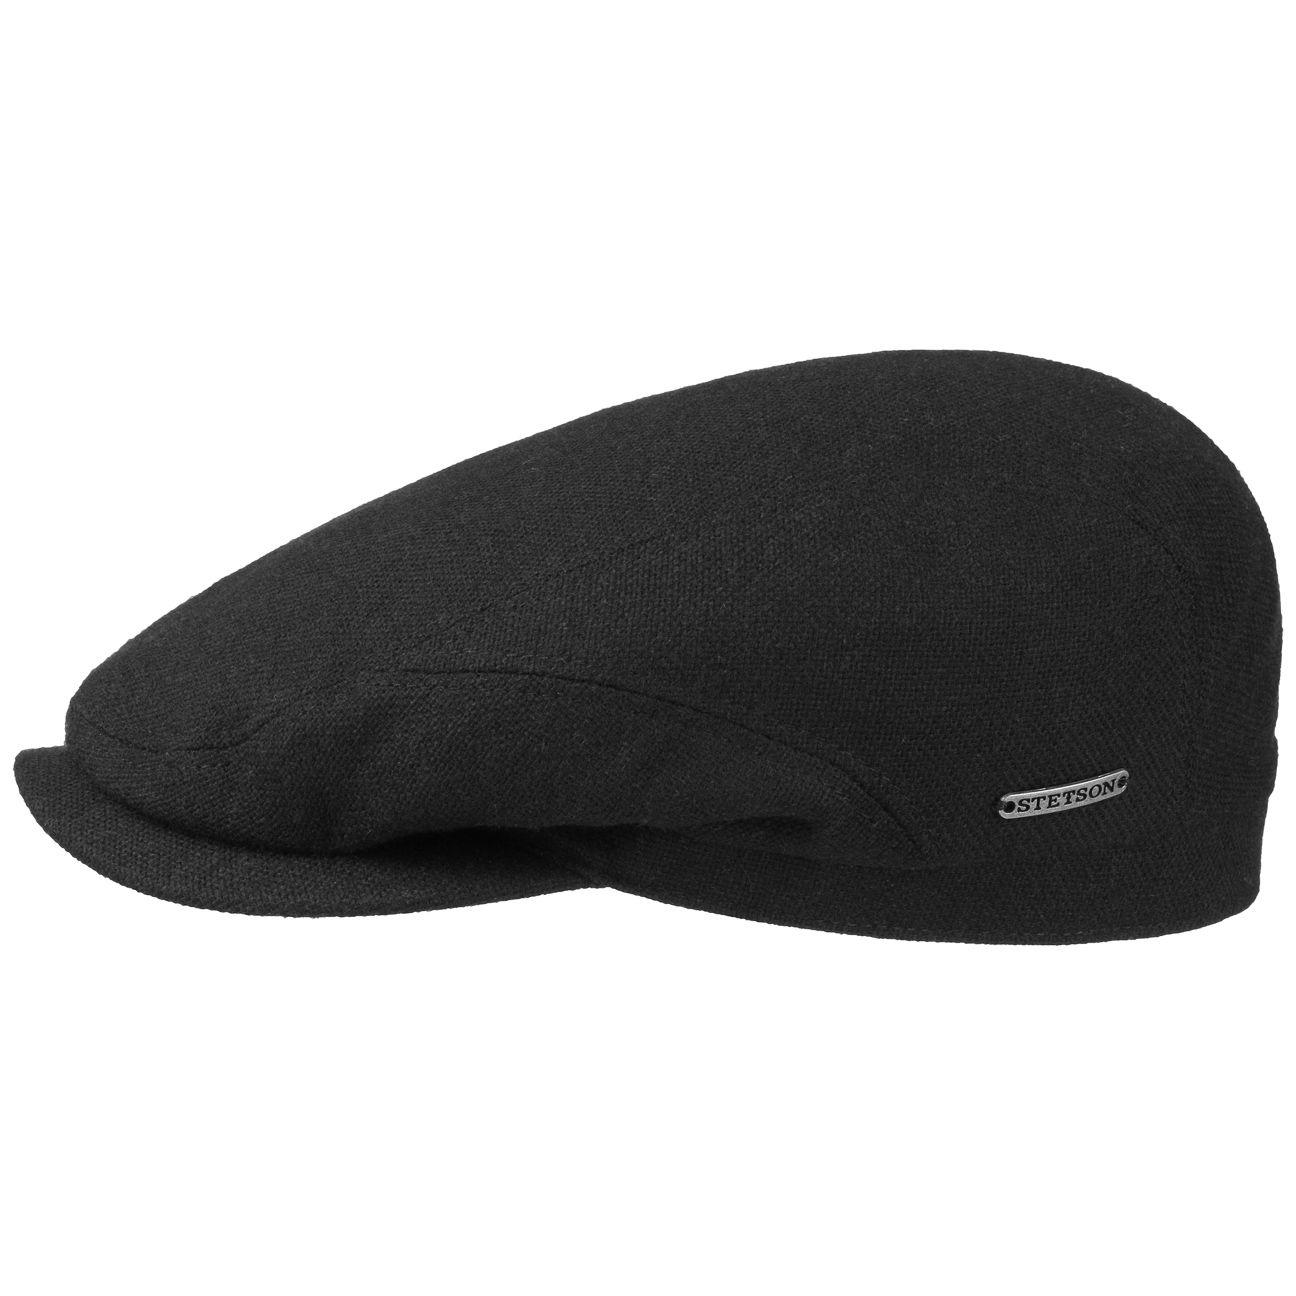 825cd367e681 Belfast Wool Blend Flat Cap by Stetson in 2019 | Caps hats | Flat ...